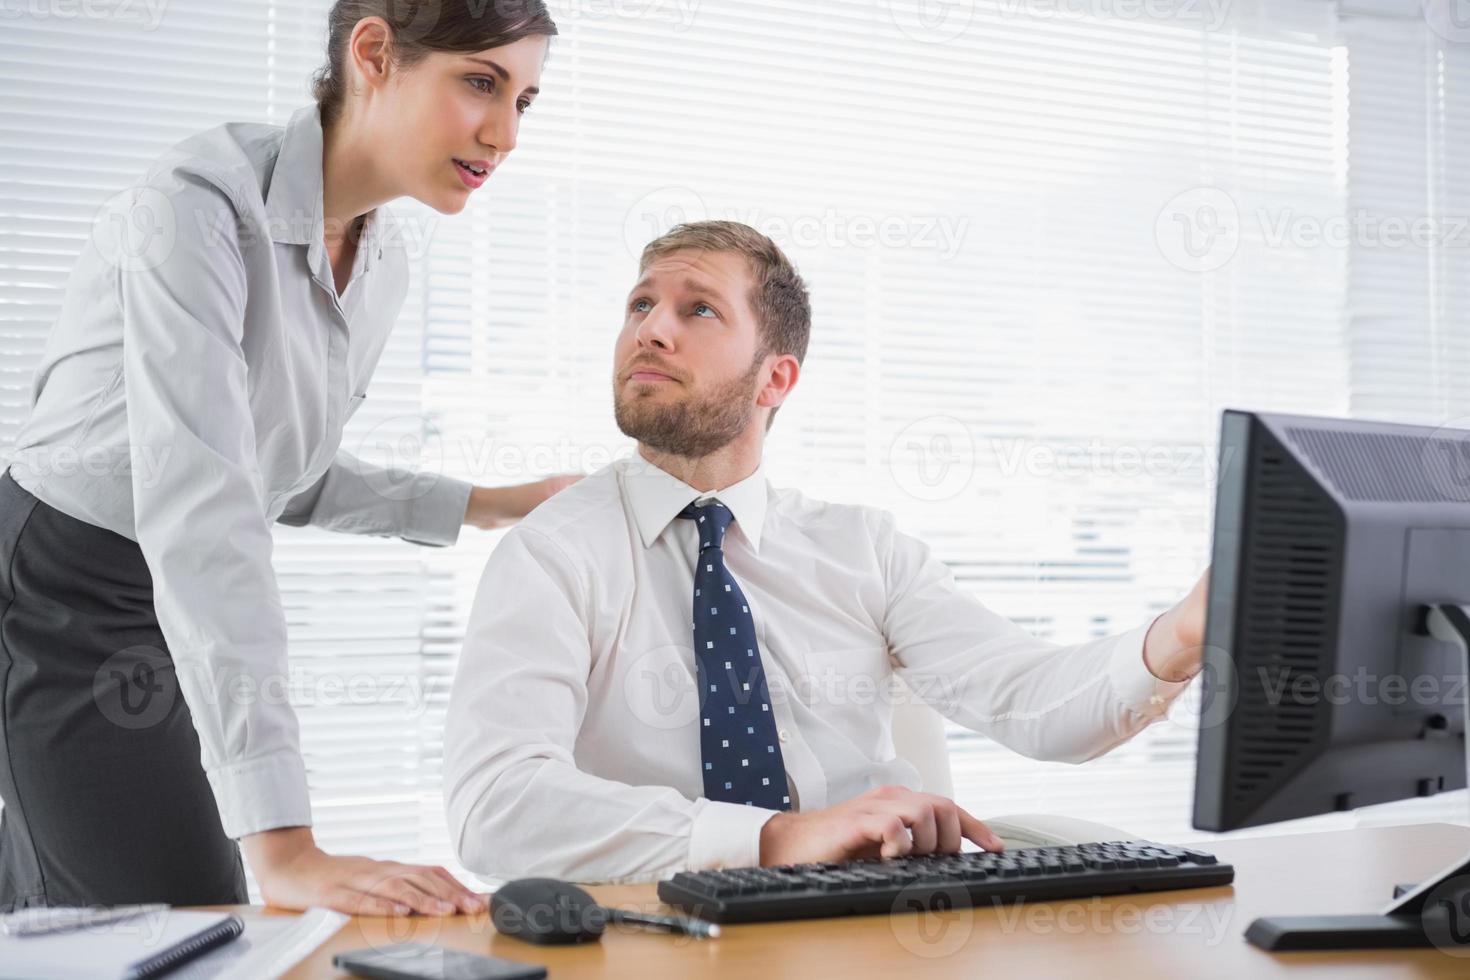 empresario mostrando a su compañero de trabajo algo en la computadora foto